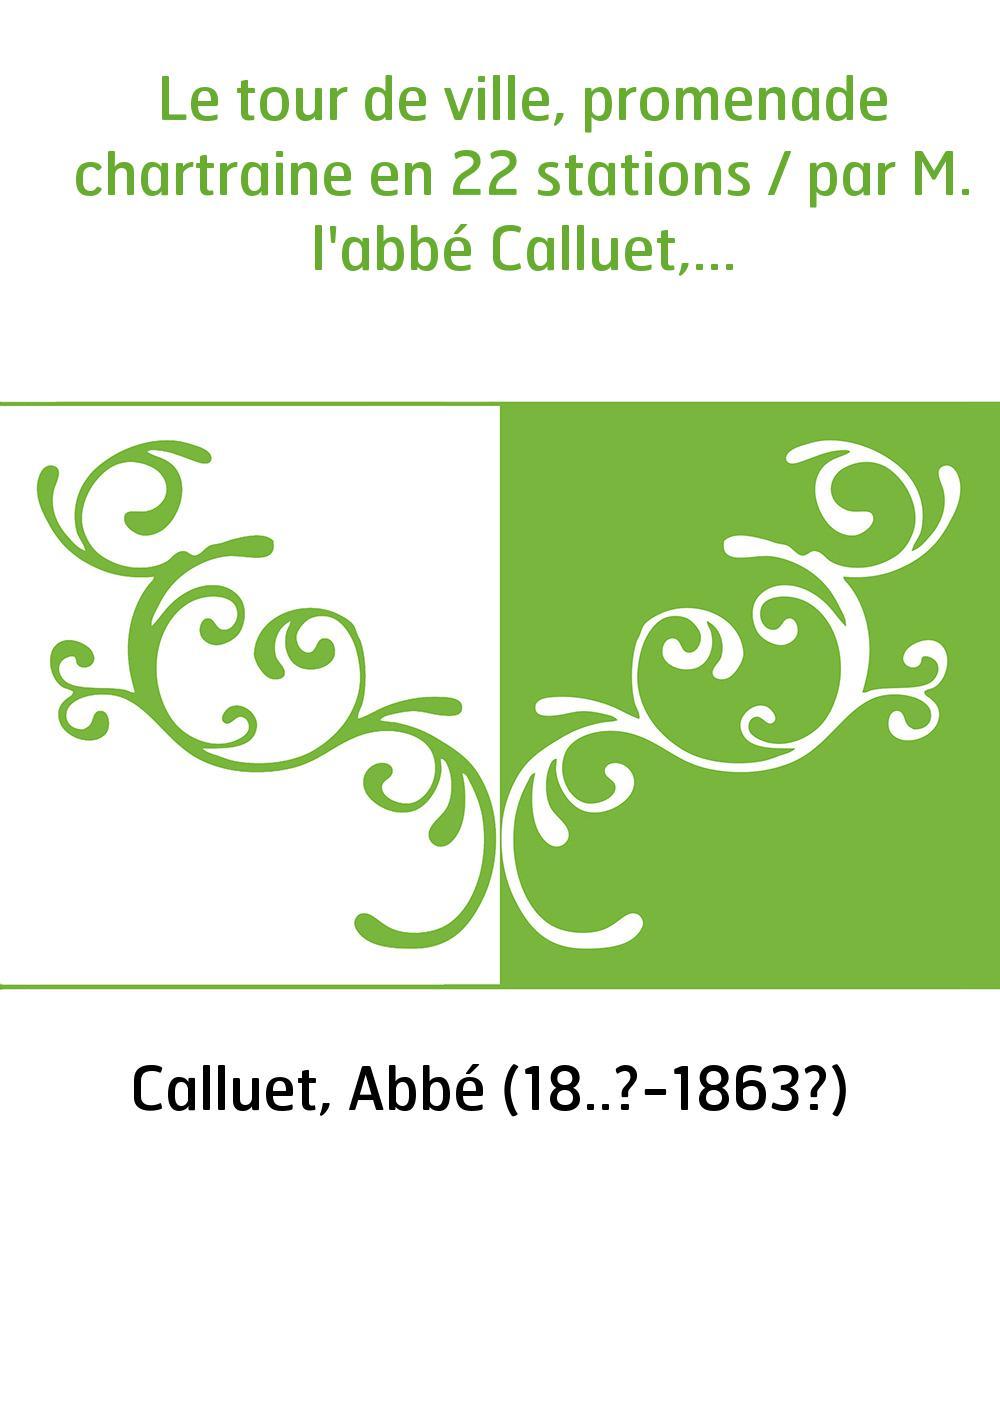 Le tour de ville, promenade chartraine en 22 stations / par M. l'abbé Calluet,...